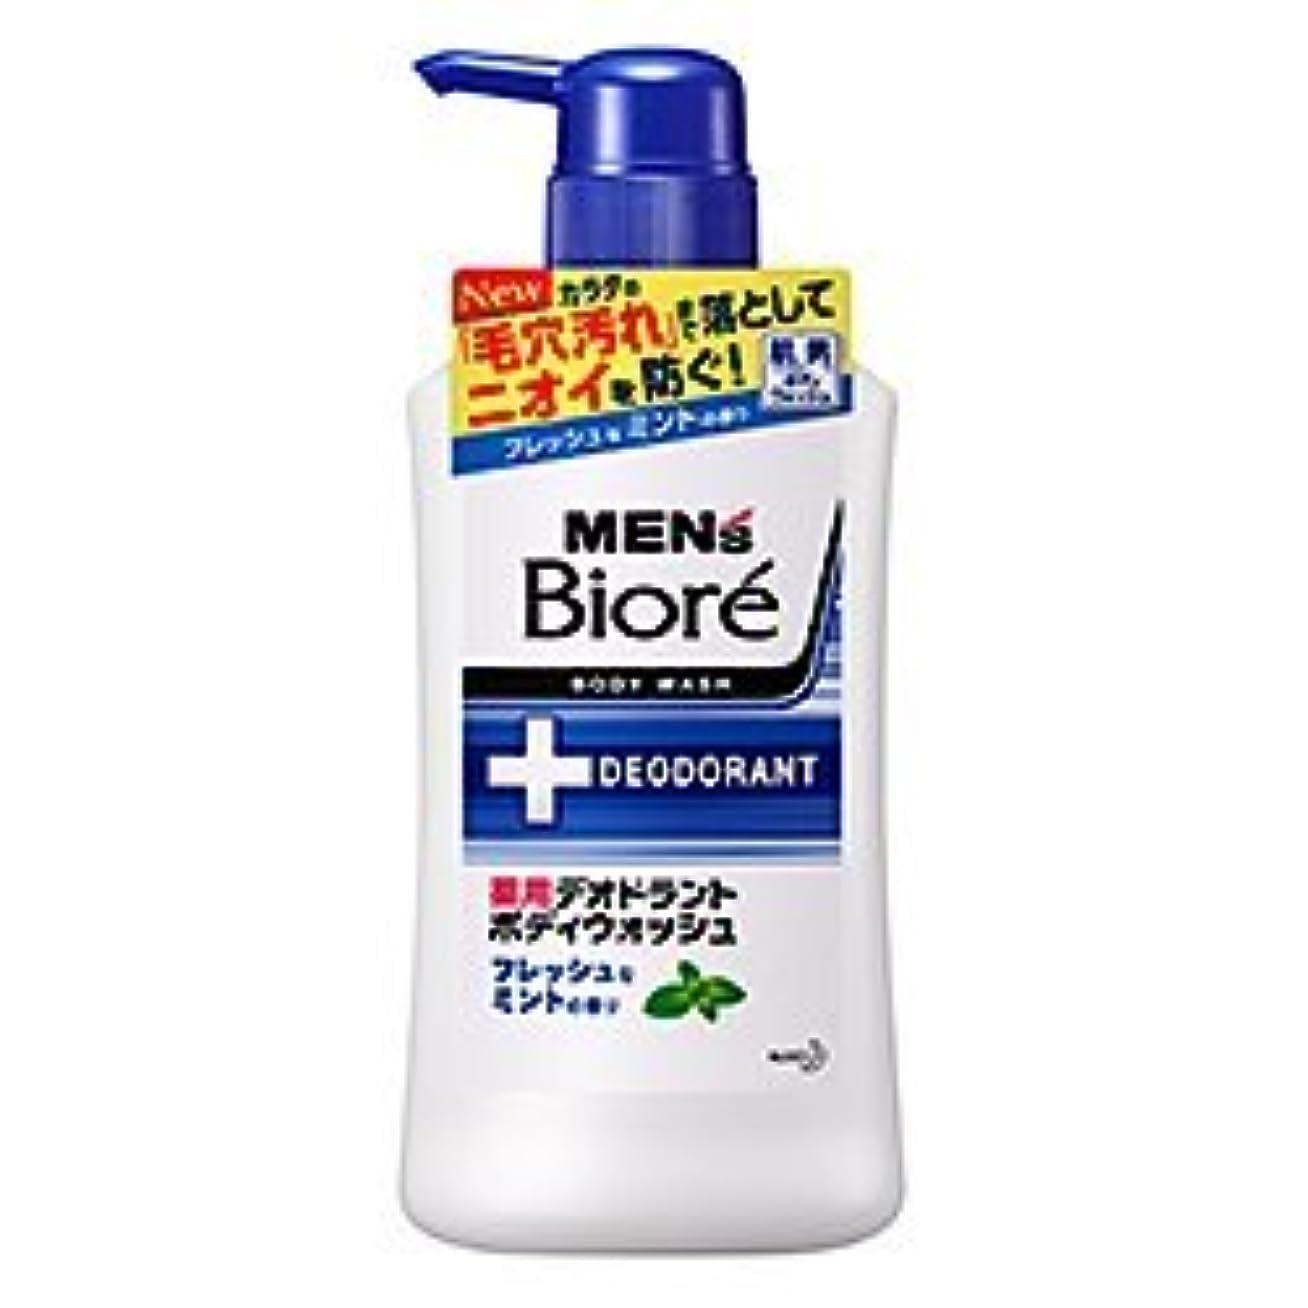 【花王】メンズビオレ 薬用デオドラントボディウォッシュ フレッシュなミントの香り 本体 440ml ×5個セット